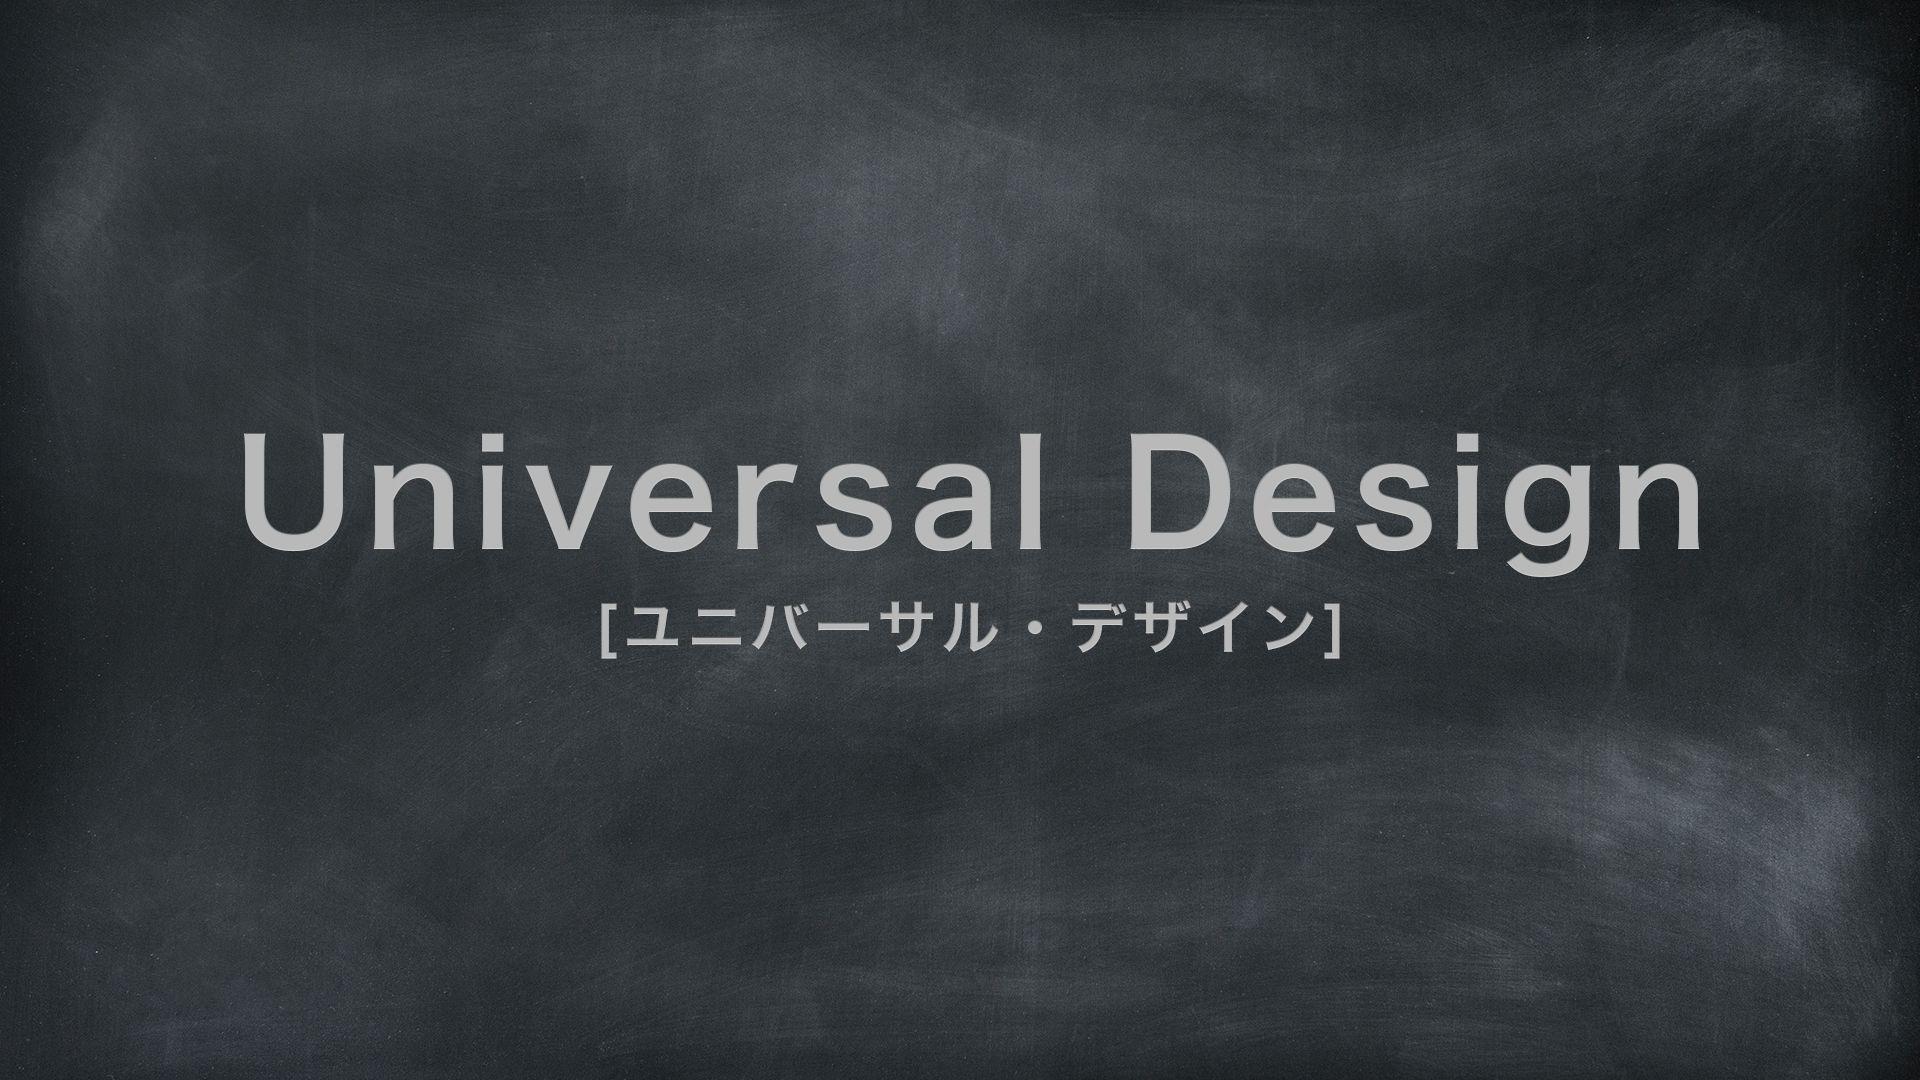 ユニバーサルデザインとはなにか、7原則を元にその意味を再認識する。